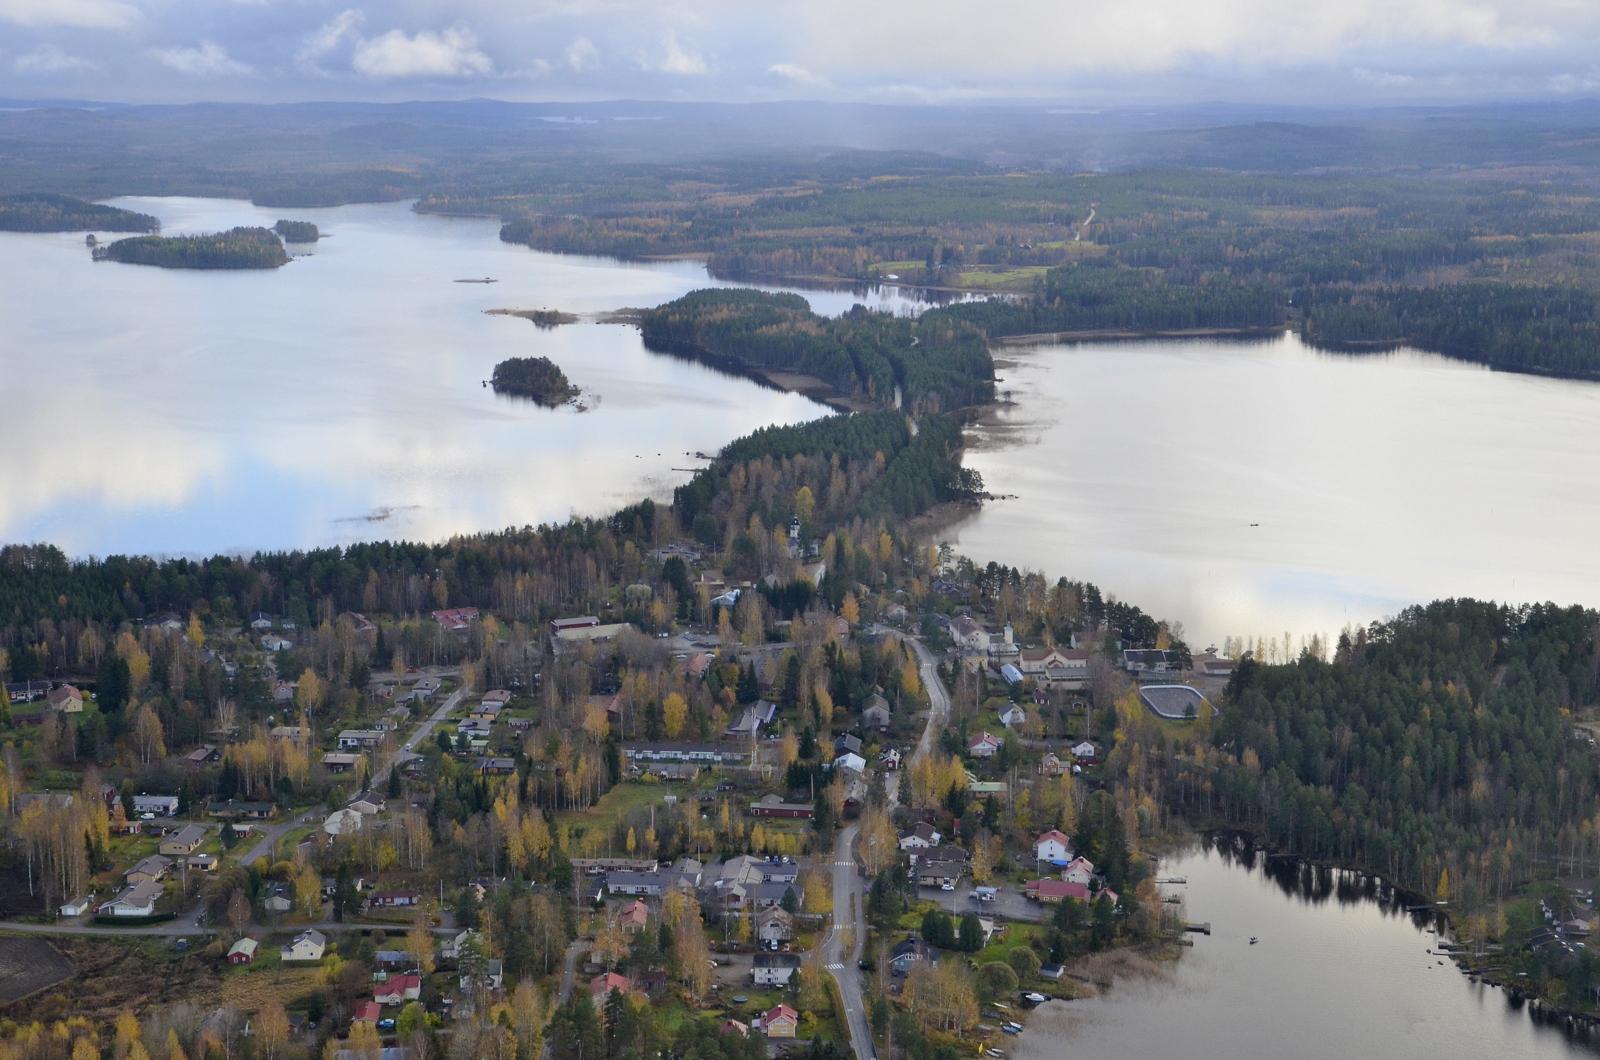 Näkymä Sumiaisten taajaman yli tulosuuntaan, vasemmalla Sumiaisjärvi. Nyt alkaa tulla sadepilviä etelän suunnalta, joten otan suunnan kotiin Koivistolle.